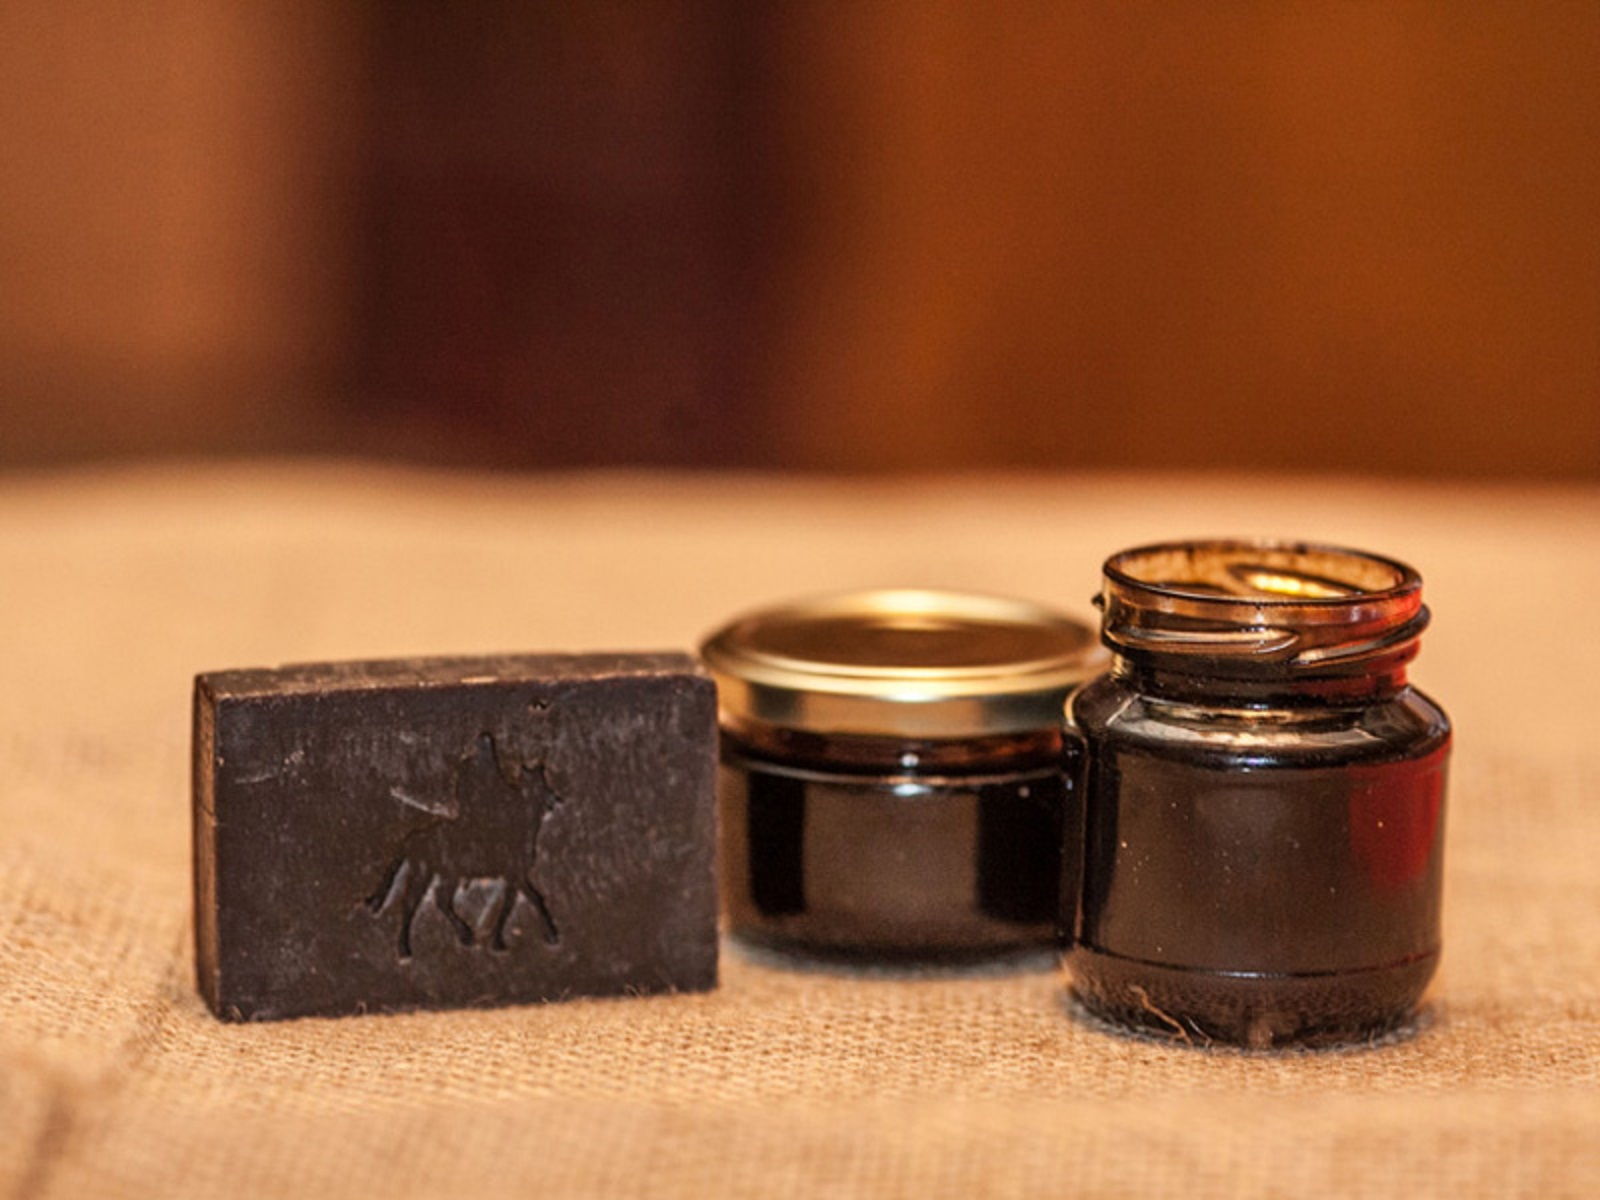 Дегтярное мыло от вшей и гнид: способ применения и отзывы